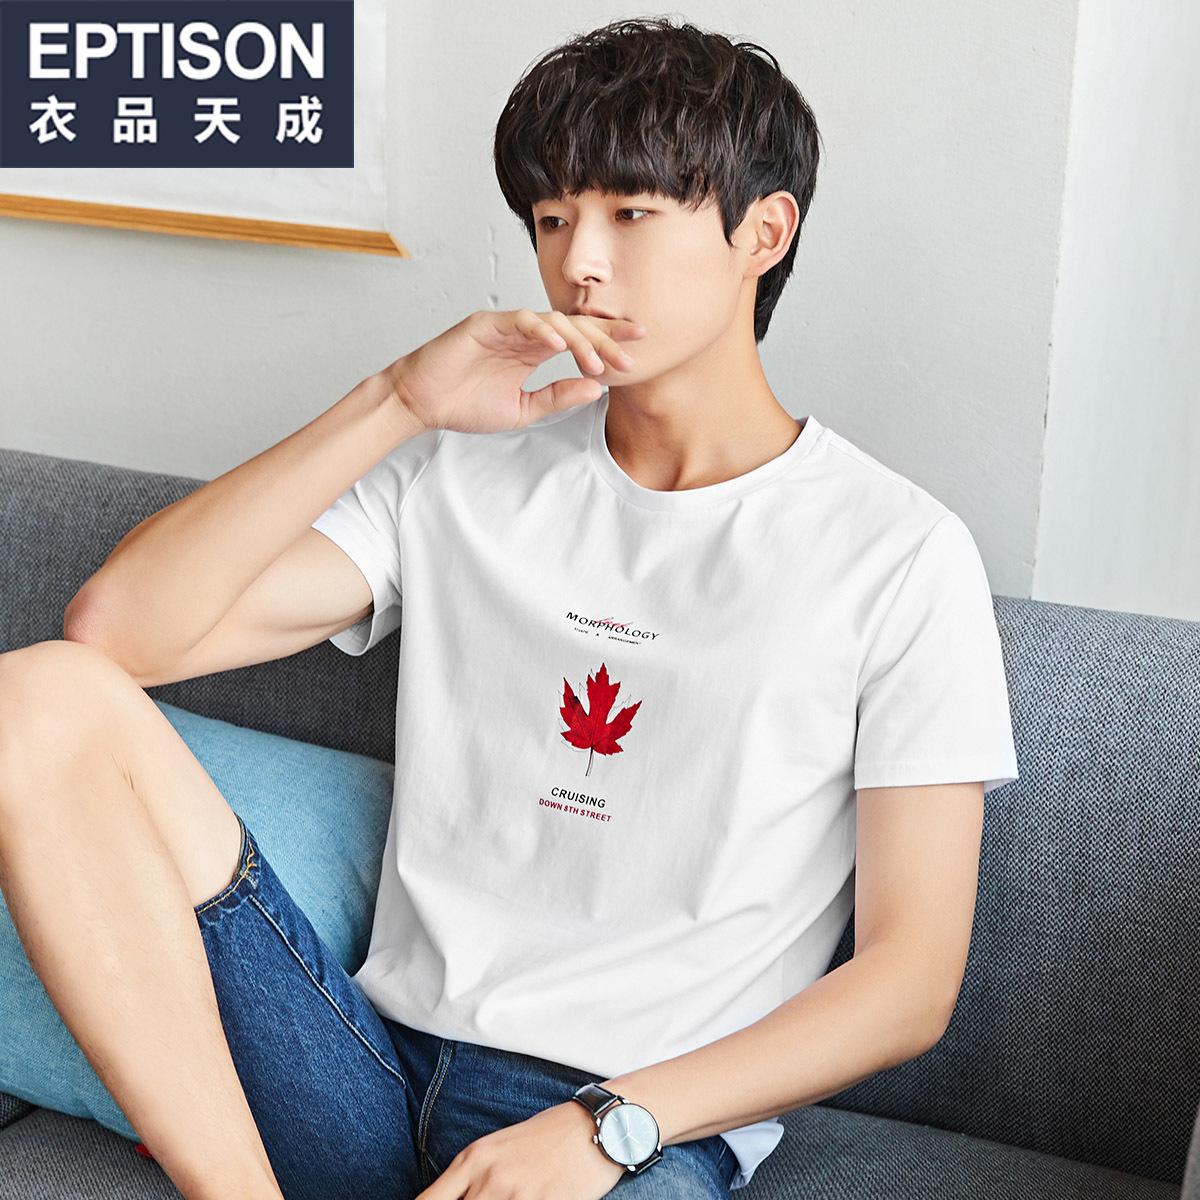 Одежда статья день становиться 2018 новый человек ученый печать T футболки тенденция лето печать половина рукав молодежь корейский короткий рукав T футболки